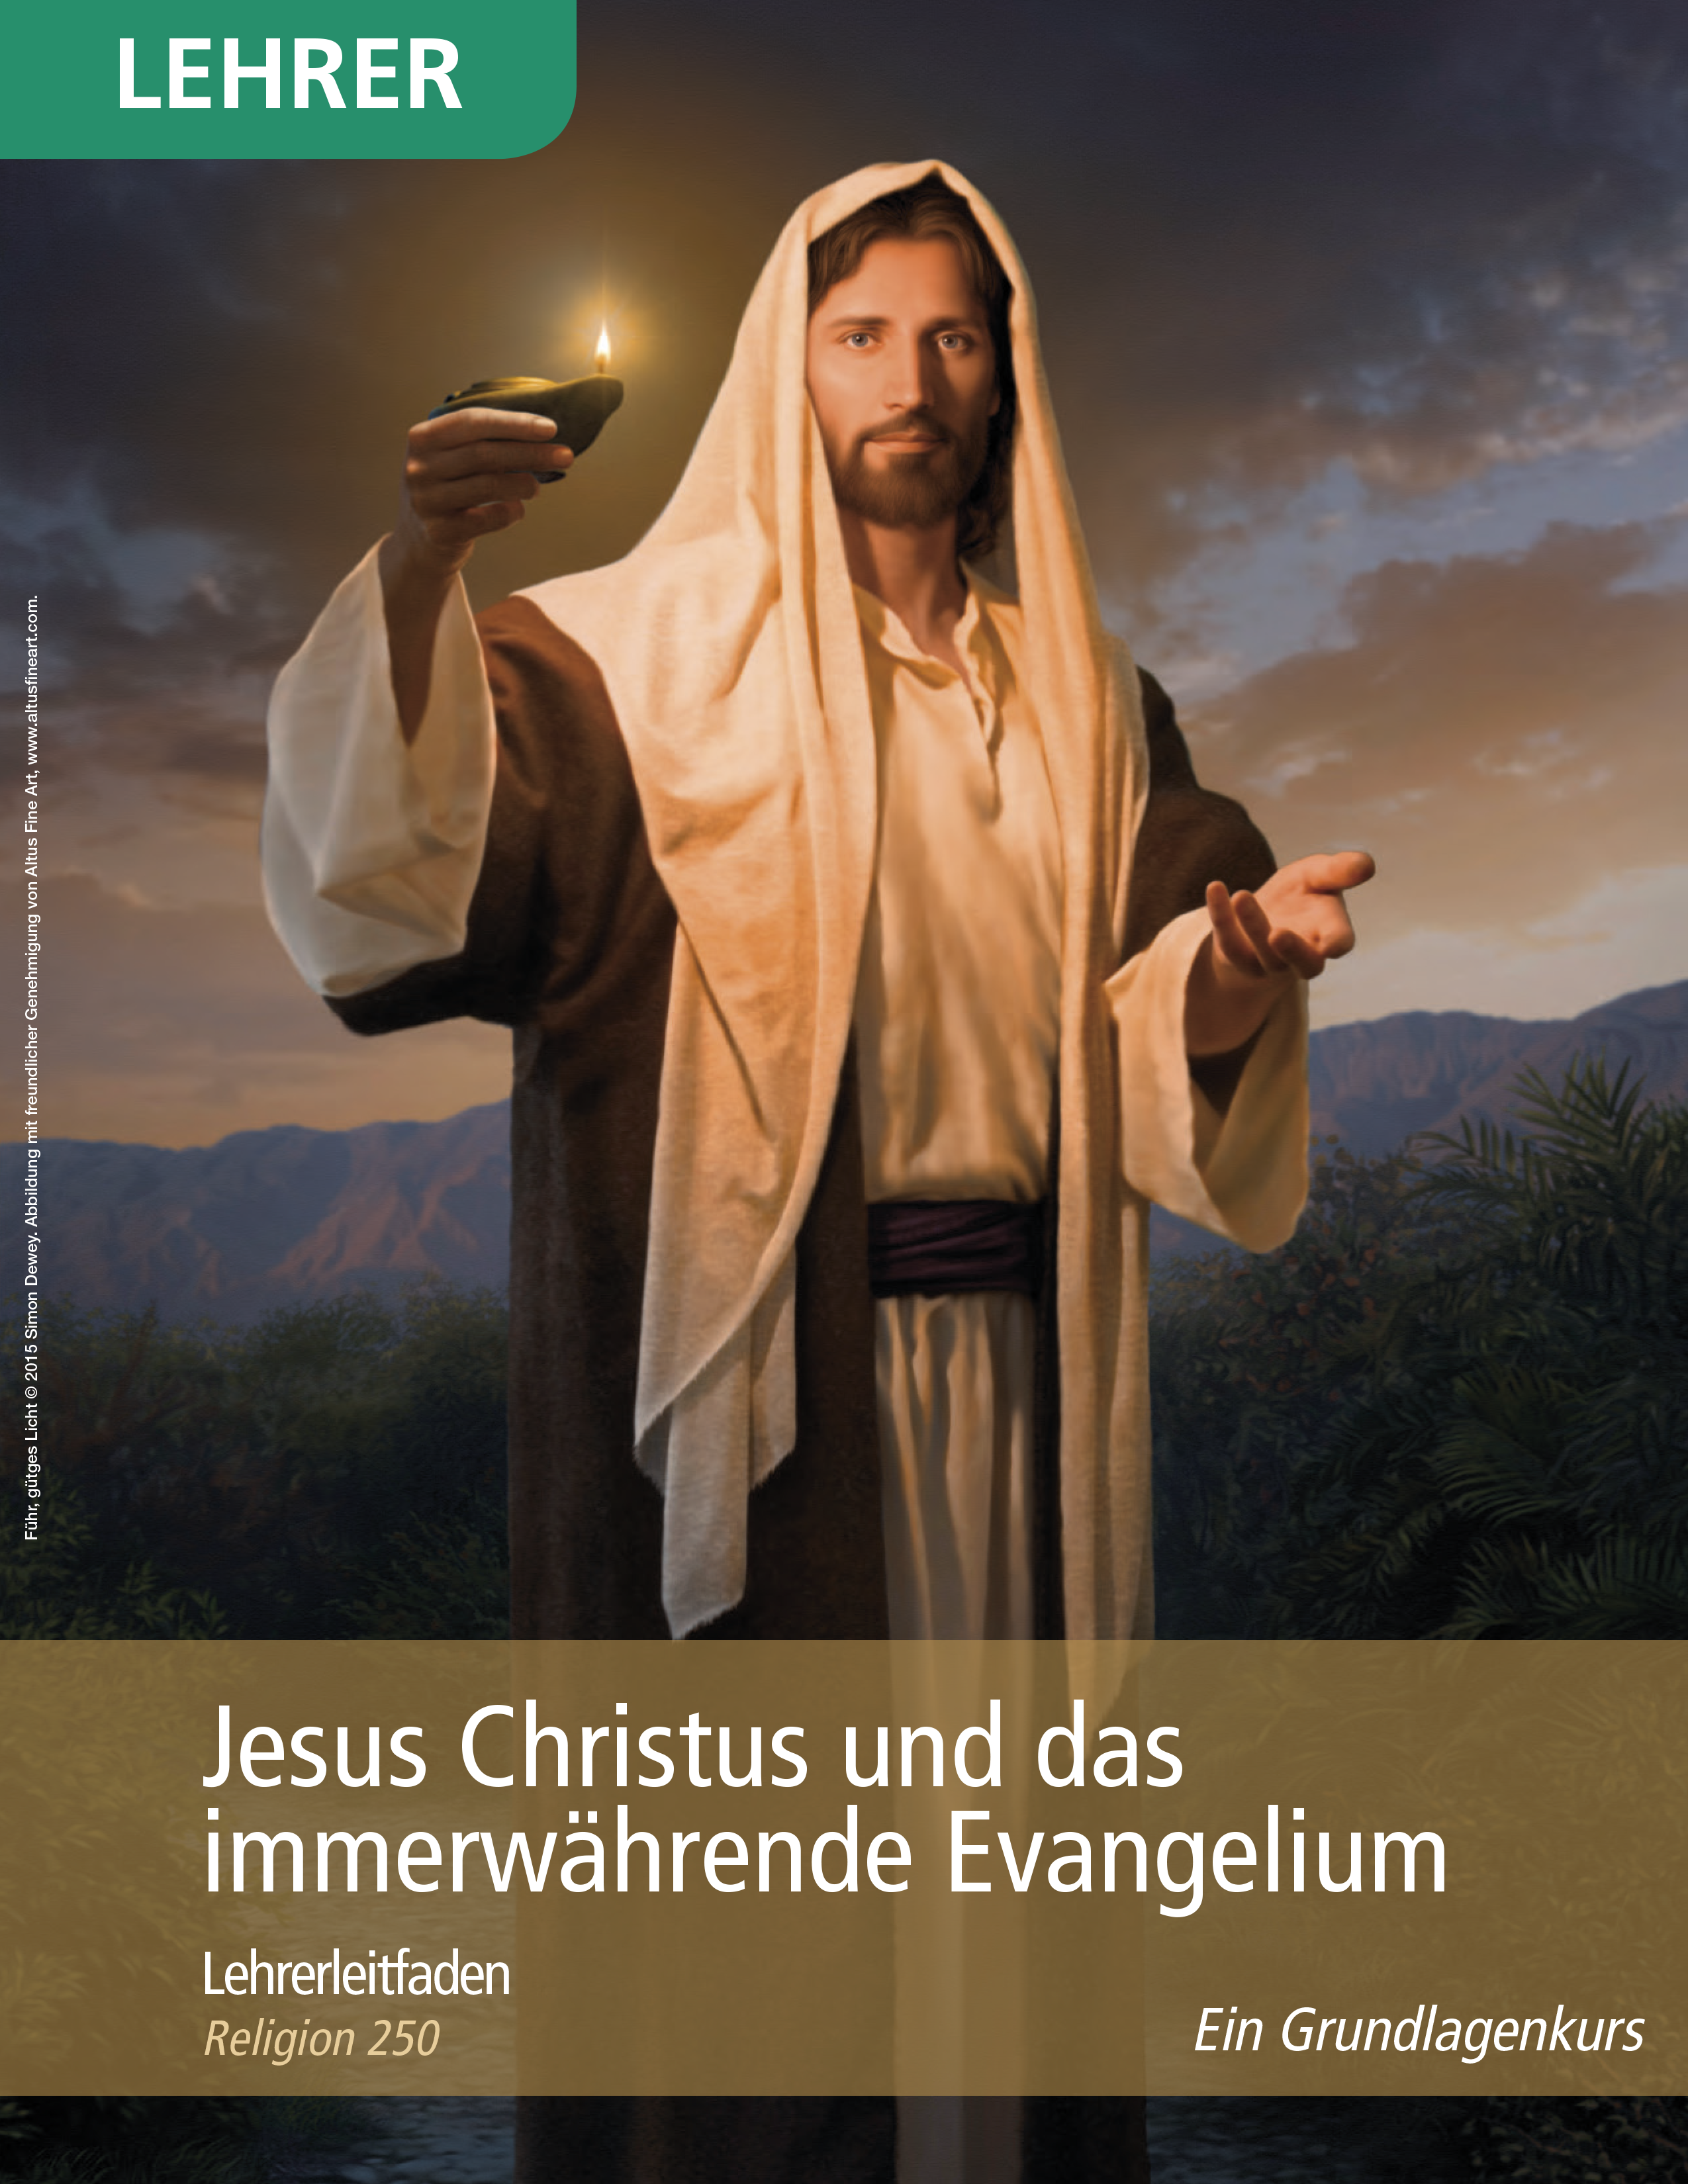 Jesus Christus und das immerwährende Evangelium– Leitfaden für den Lehrer (Religion 250)